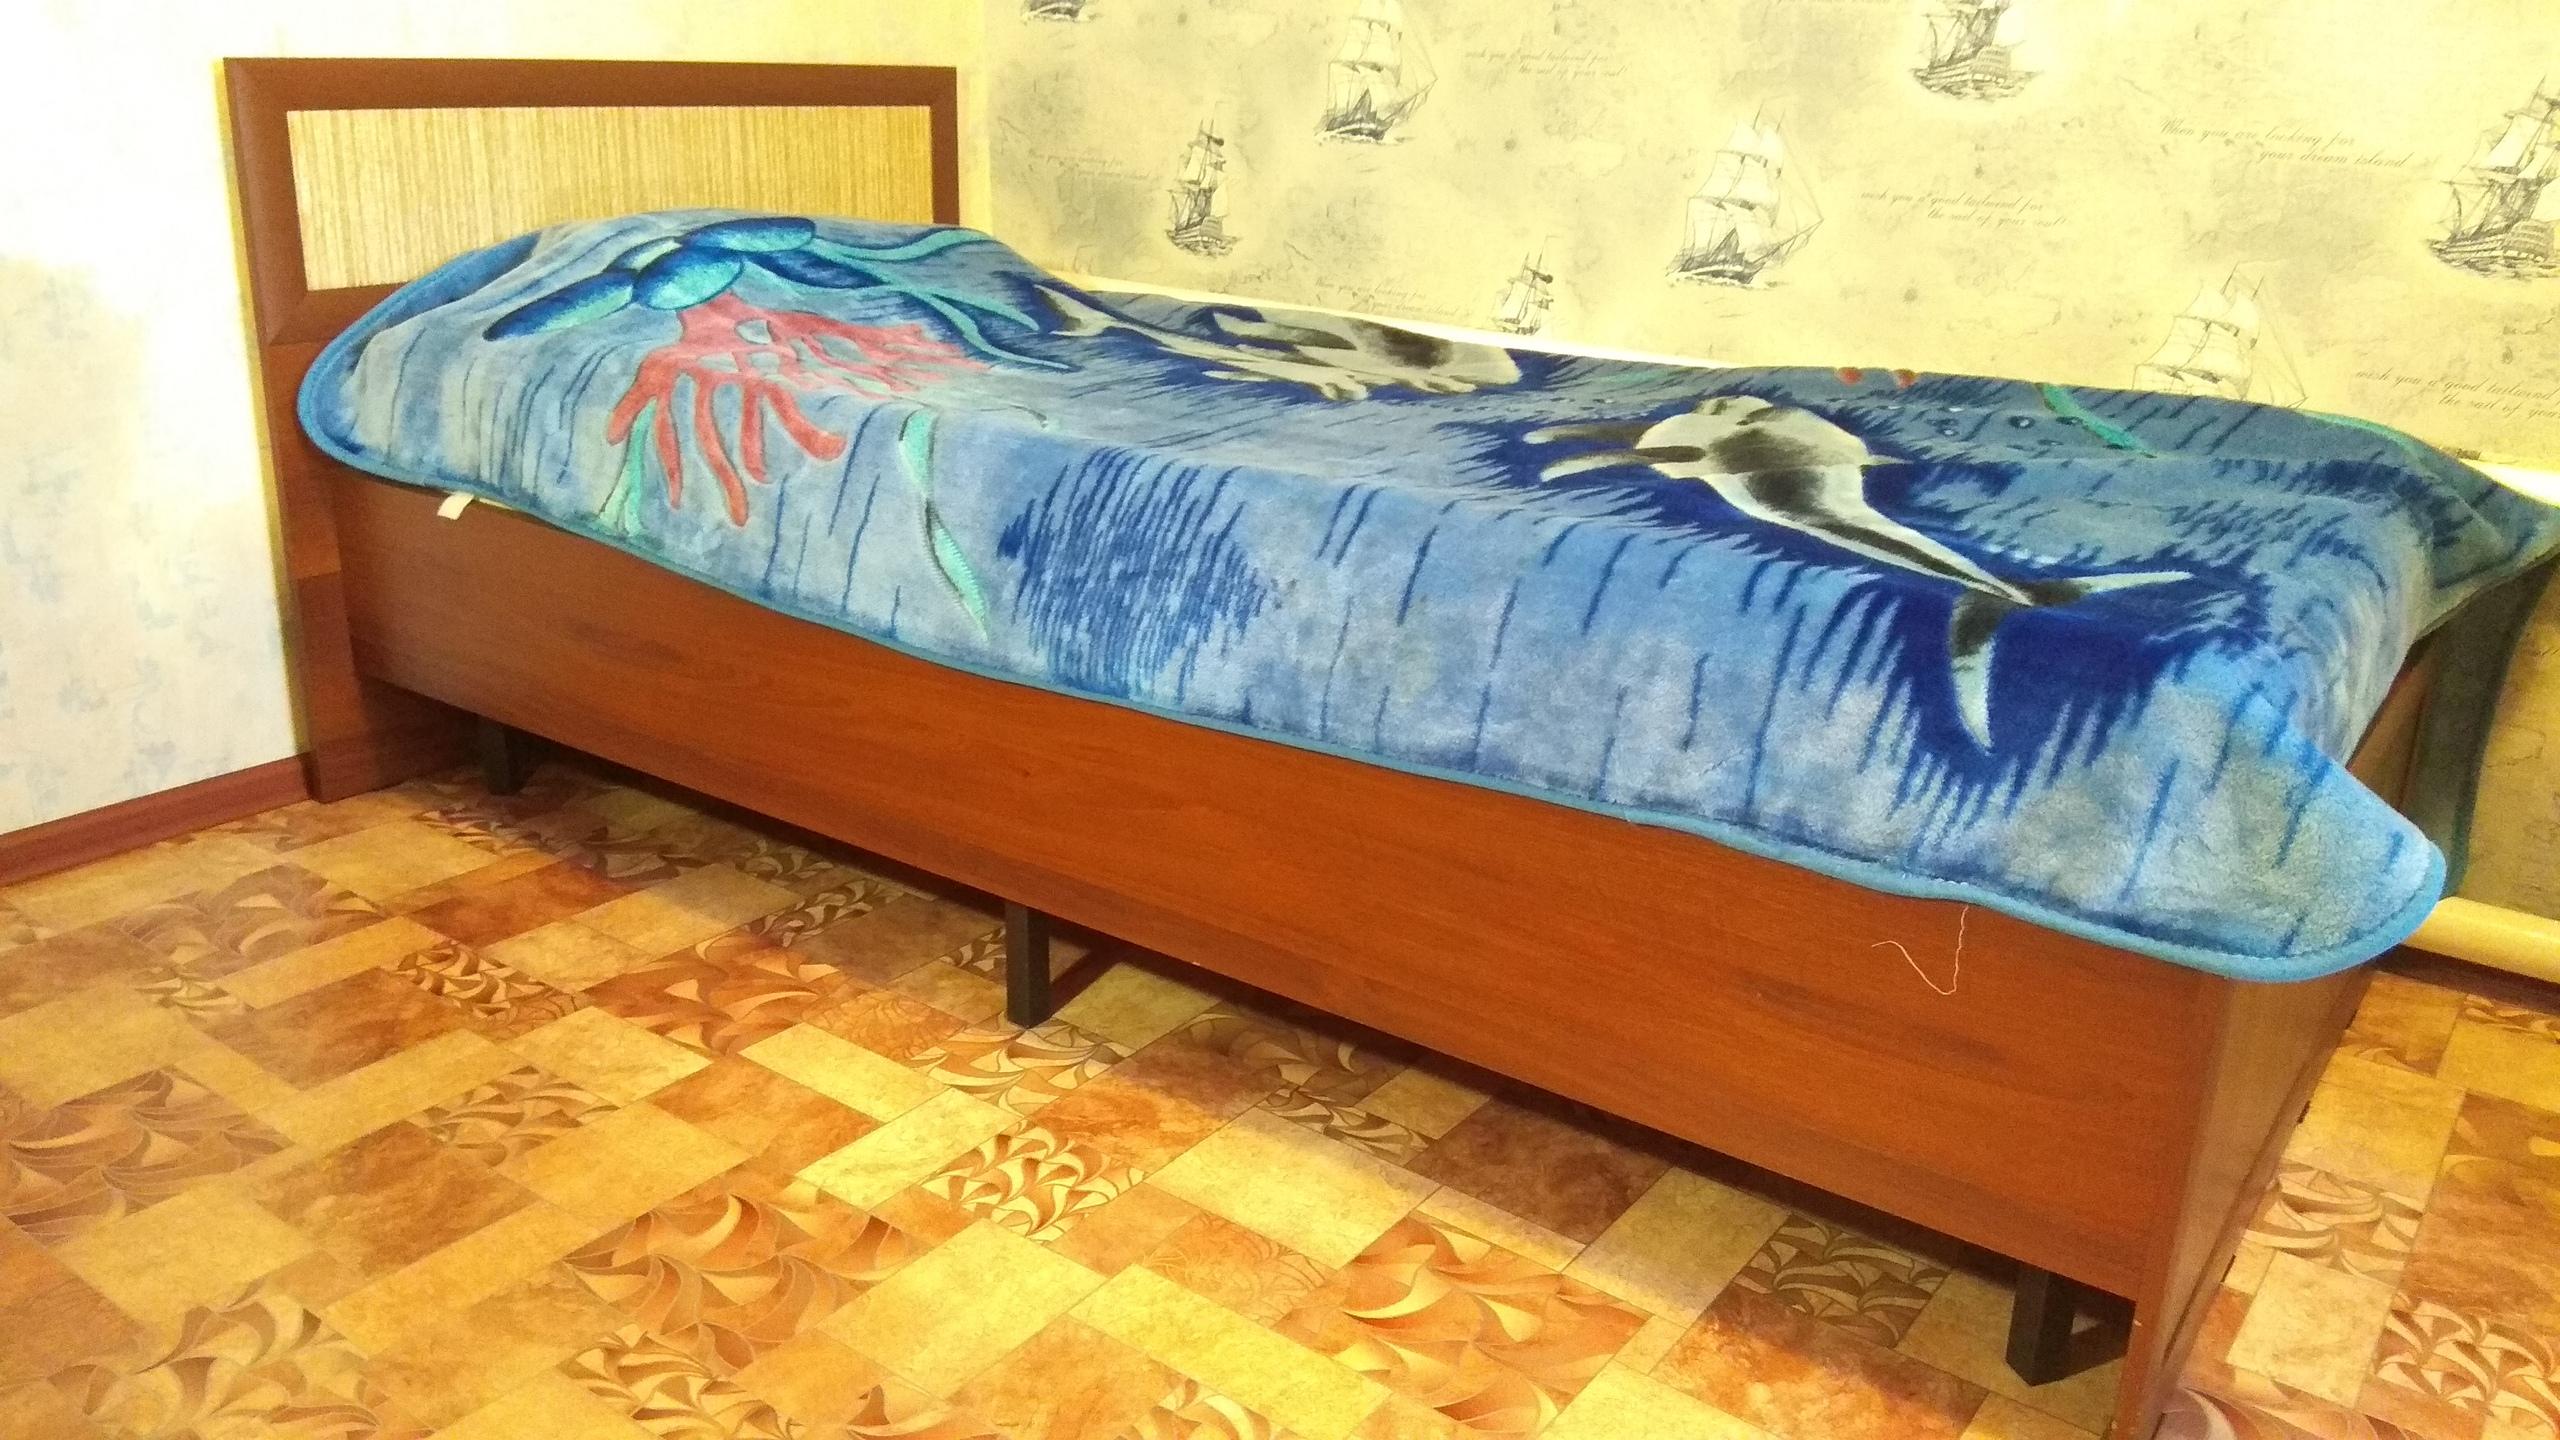 Продается диван и односпальная кровать (без матраца, размер под матрац 900 х 2000) в отличном состоянии.